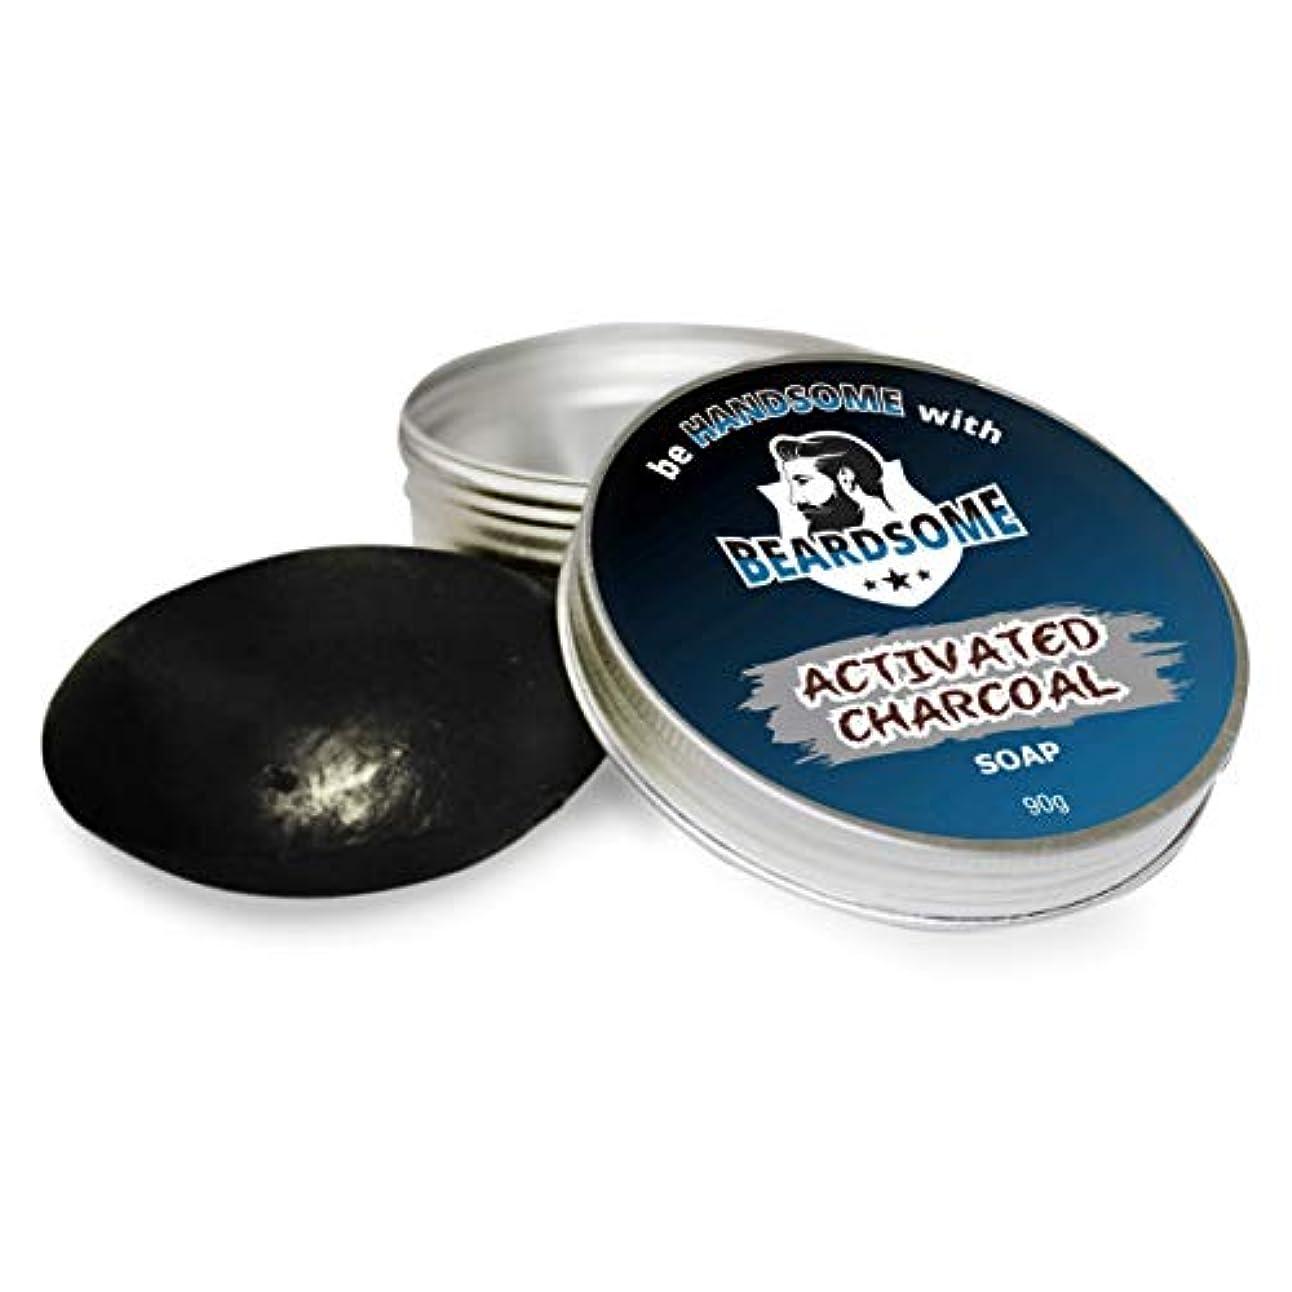 影響力のある火山学左BEARDSOME Activated Charcoal Soap For Men 90g